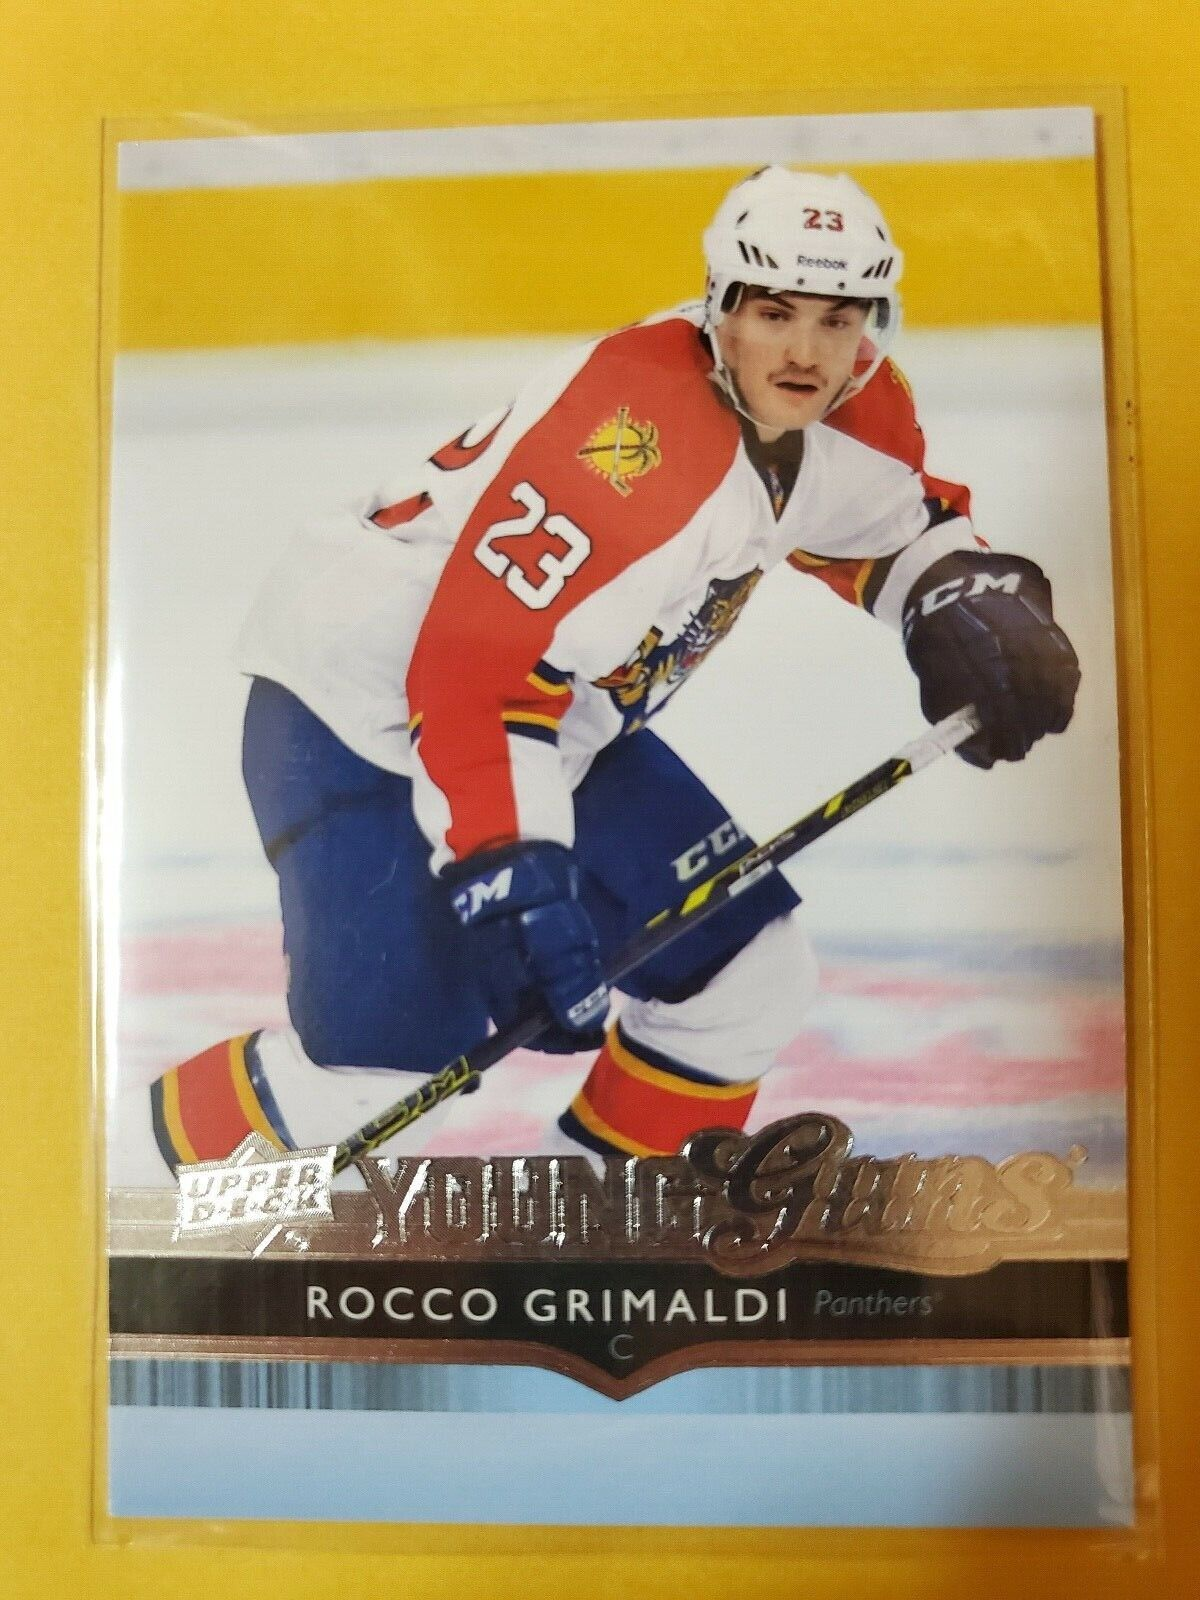 2014-15 Rocco Grimaldi Young Guns Update Rookie - Nashville Predators